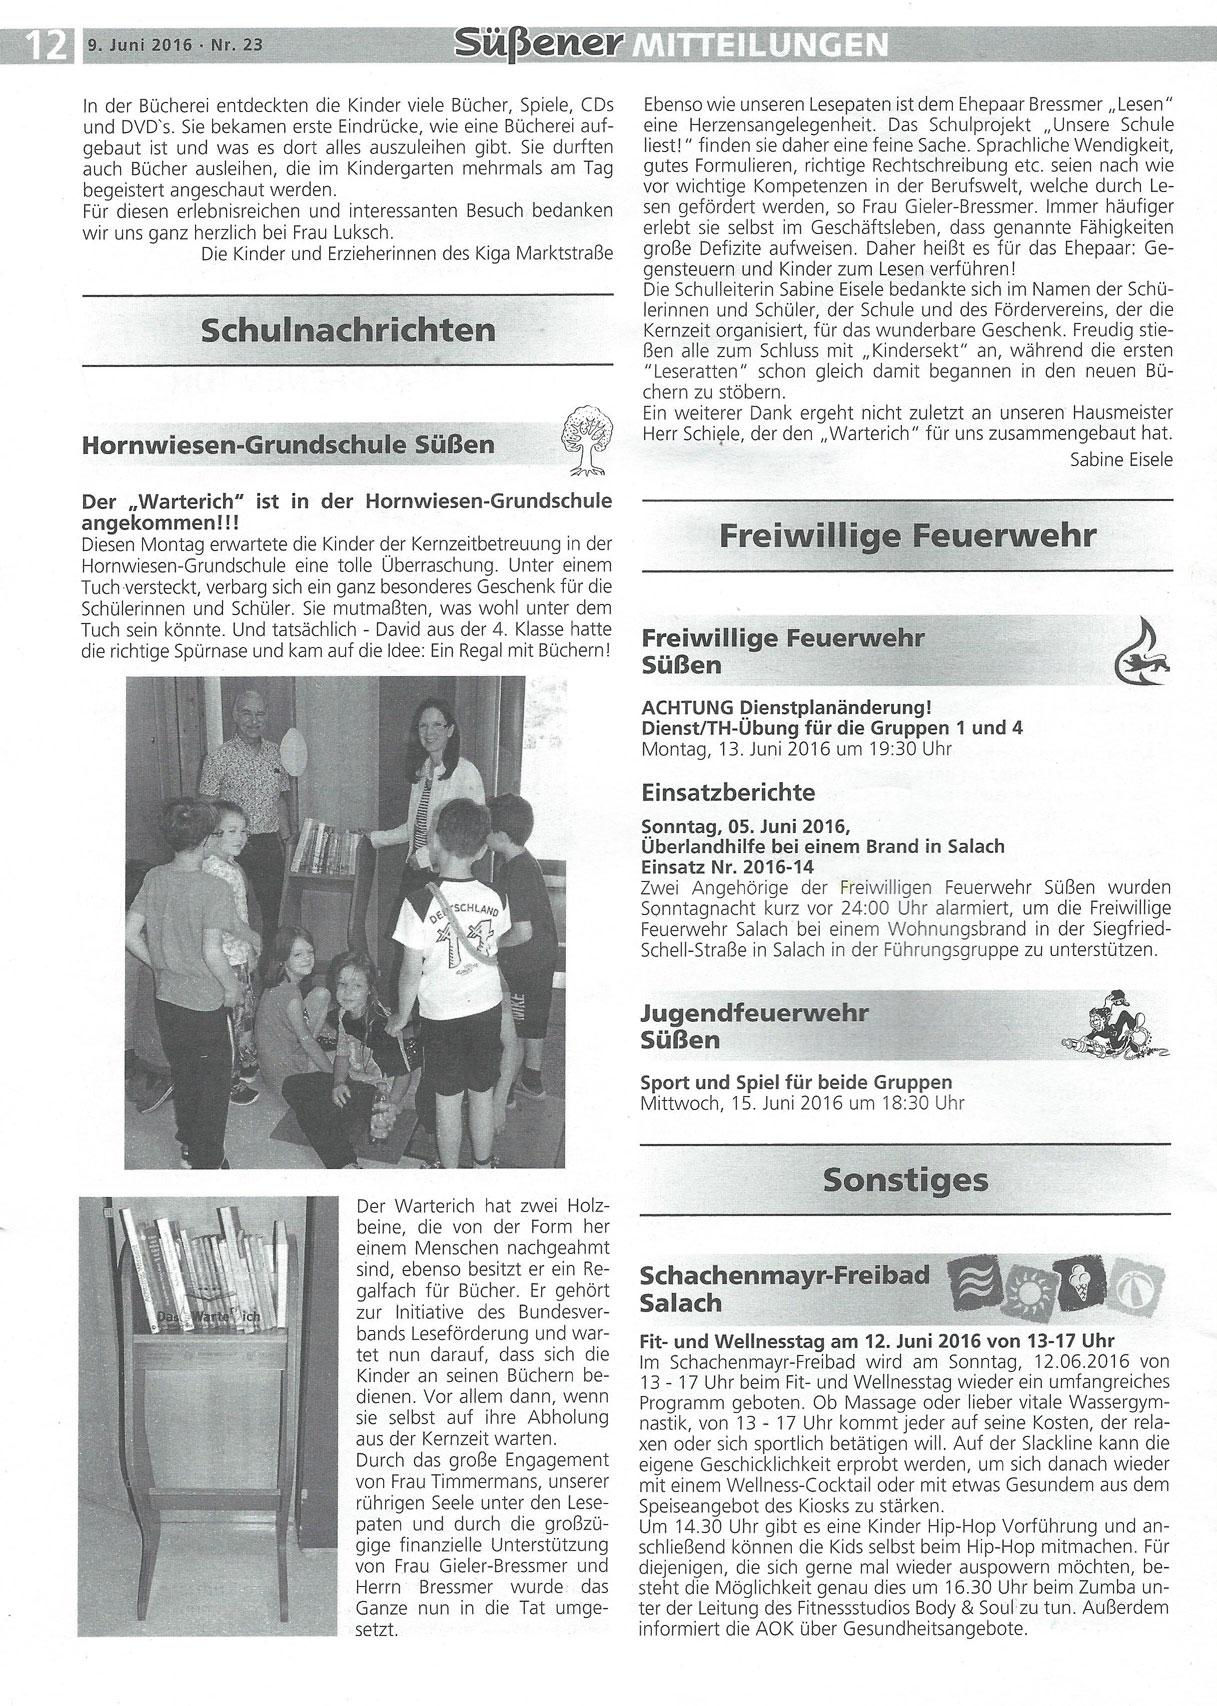 Warterich_Suessener-Mitteilungsblatt